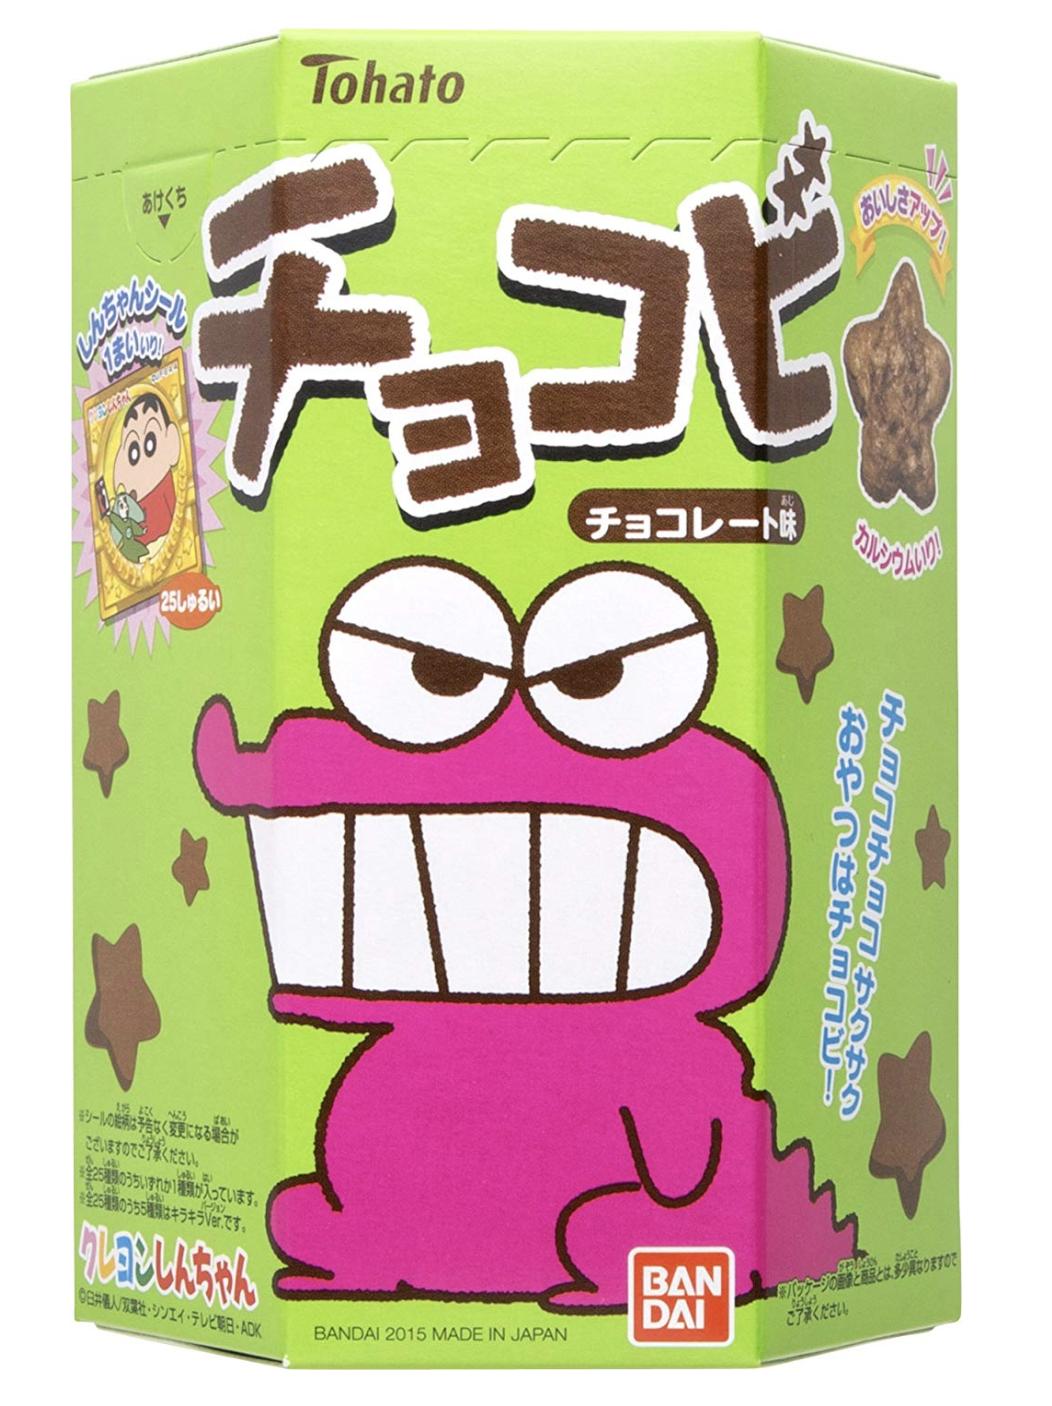 ohato Chocobi Crayon Shinchan